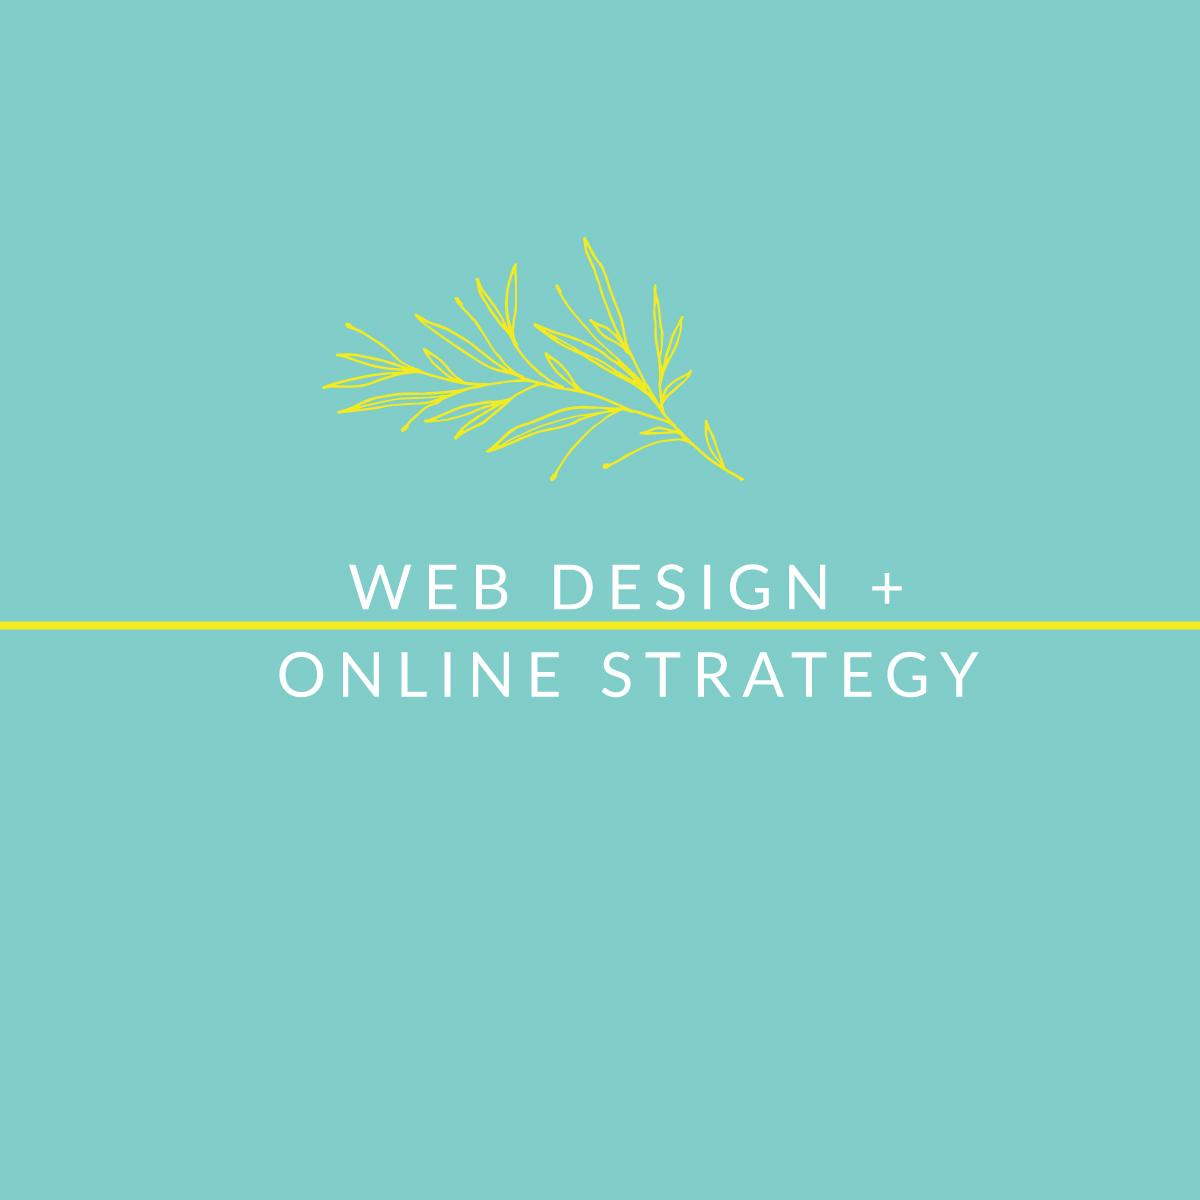 unbeatenstudio-package-websdesign-online-strategy.jpg